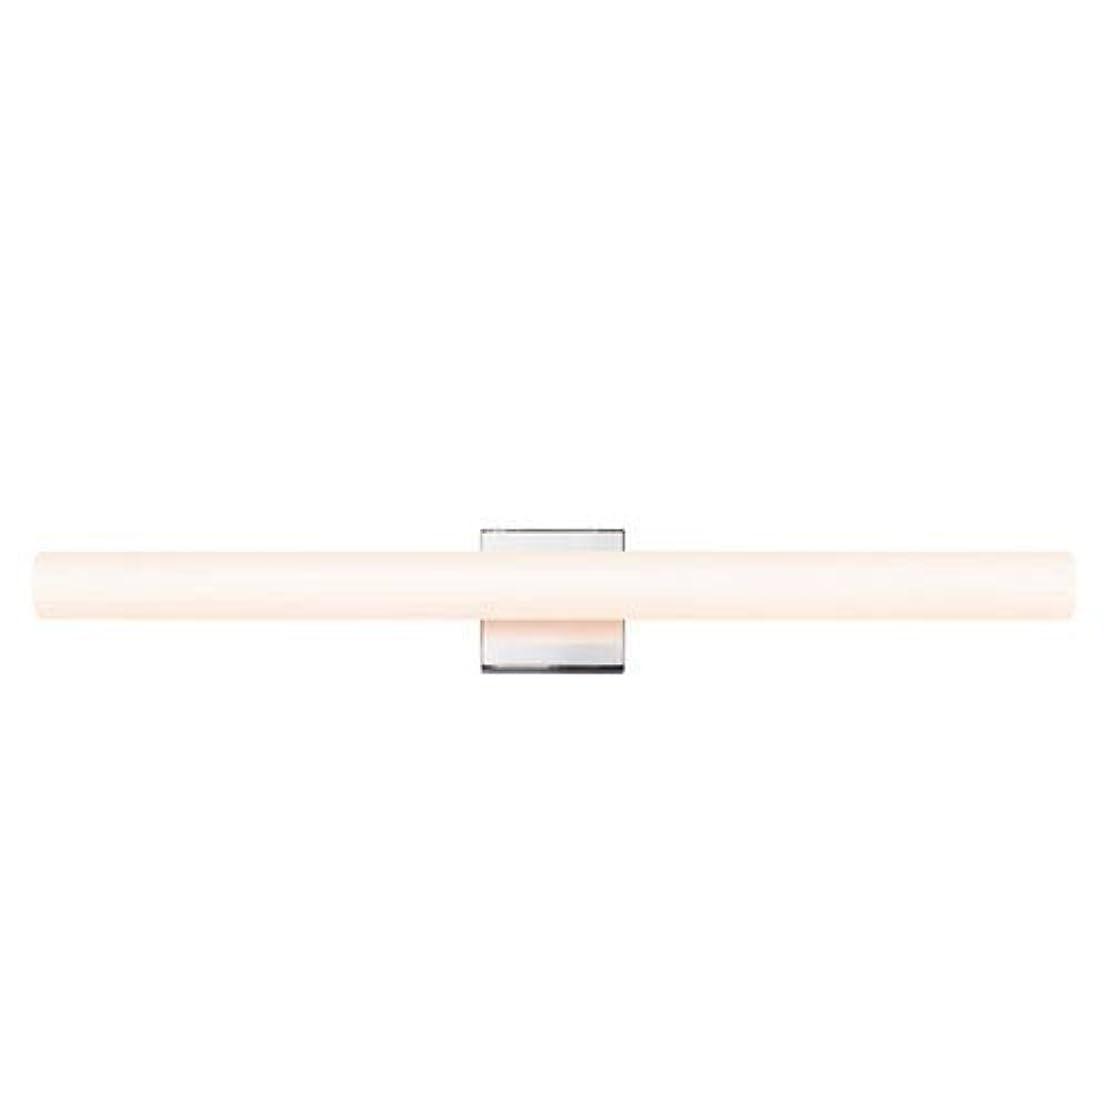 Sonneman Lighting 2432.01-FT Tubo Slim - 32